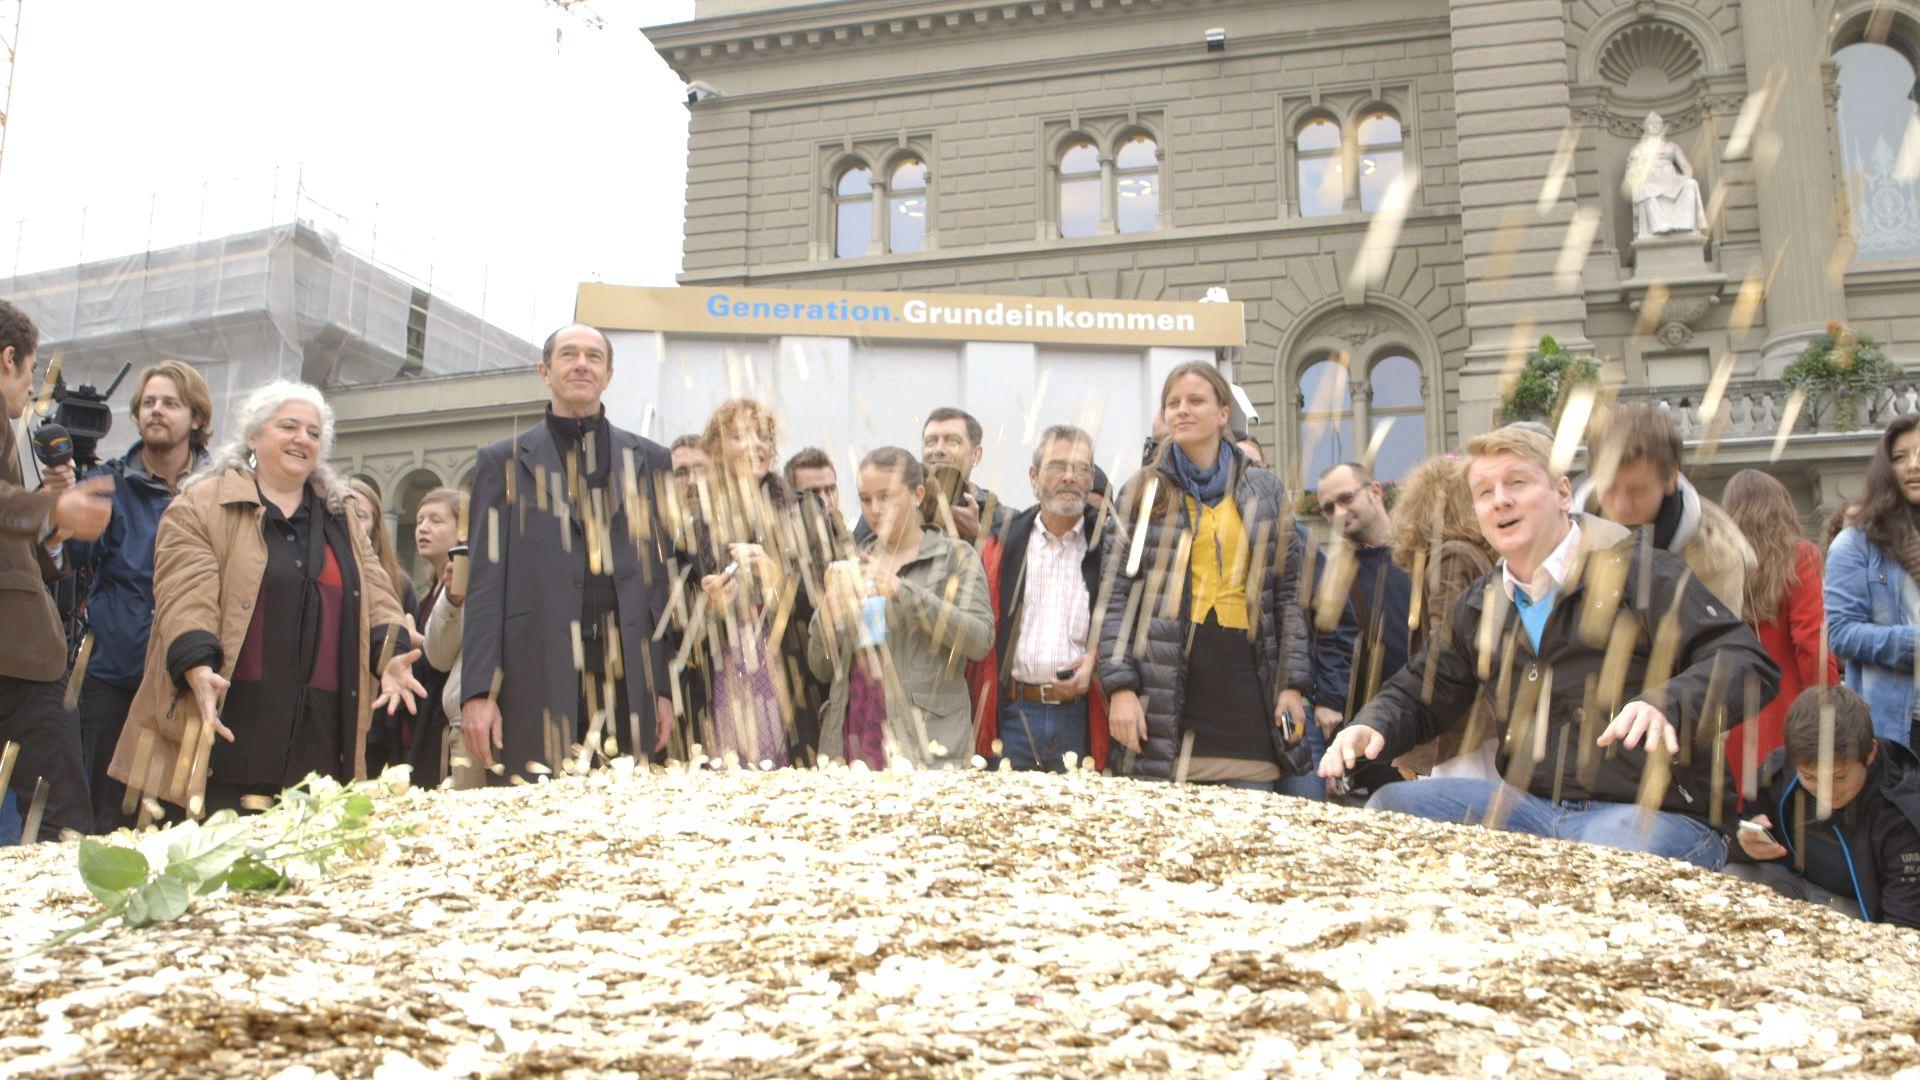 Goldener Oktober – Generation Grundeinkommen